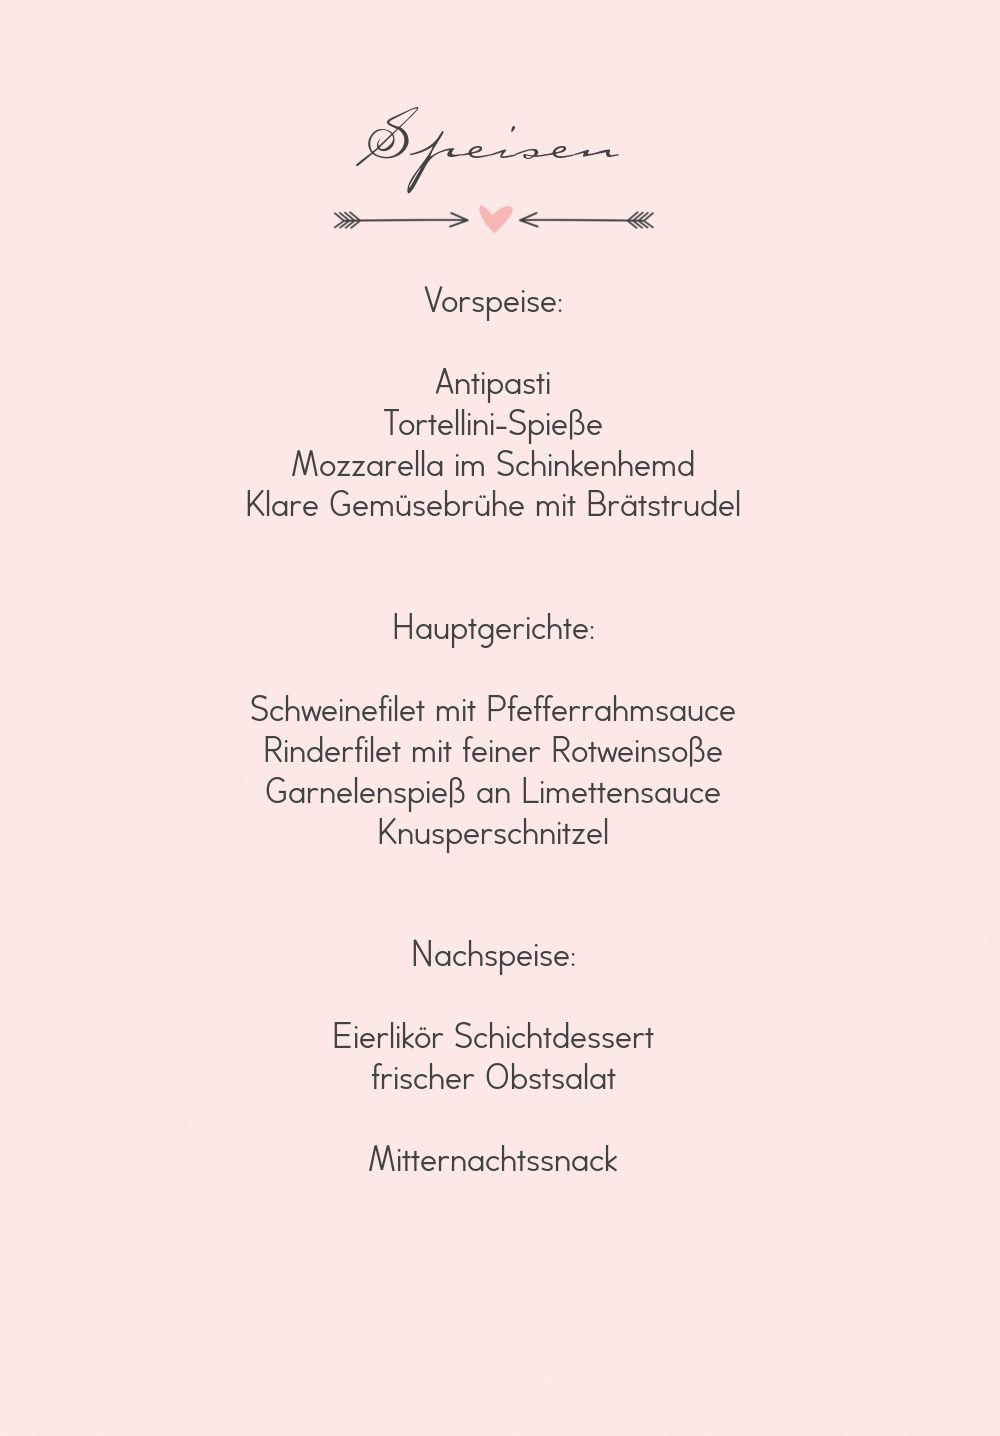 Ansicht 5 - Hochzeit Menükarte Pärchen - Frauen